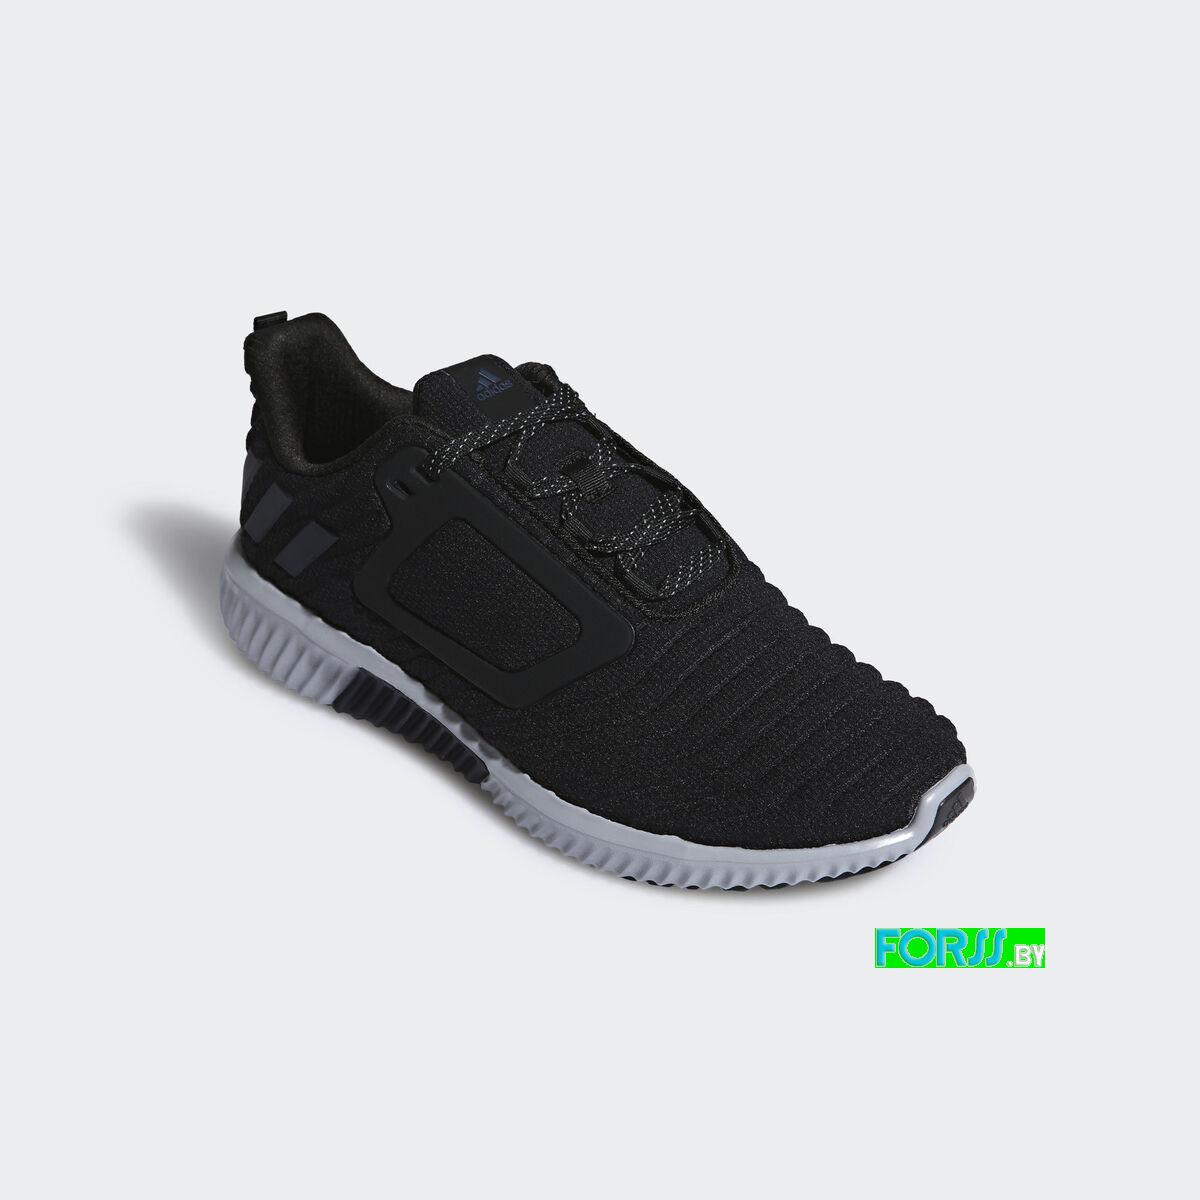 3fd27e3e5e23 Купить зимнюю мужскую обувь в Минске. Цена. Каталог. Фото. Интернет ...